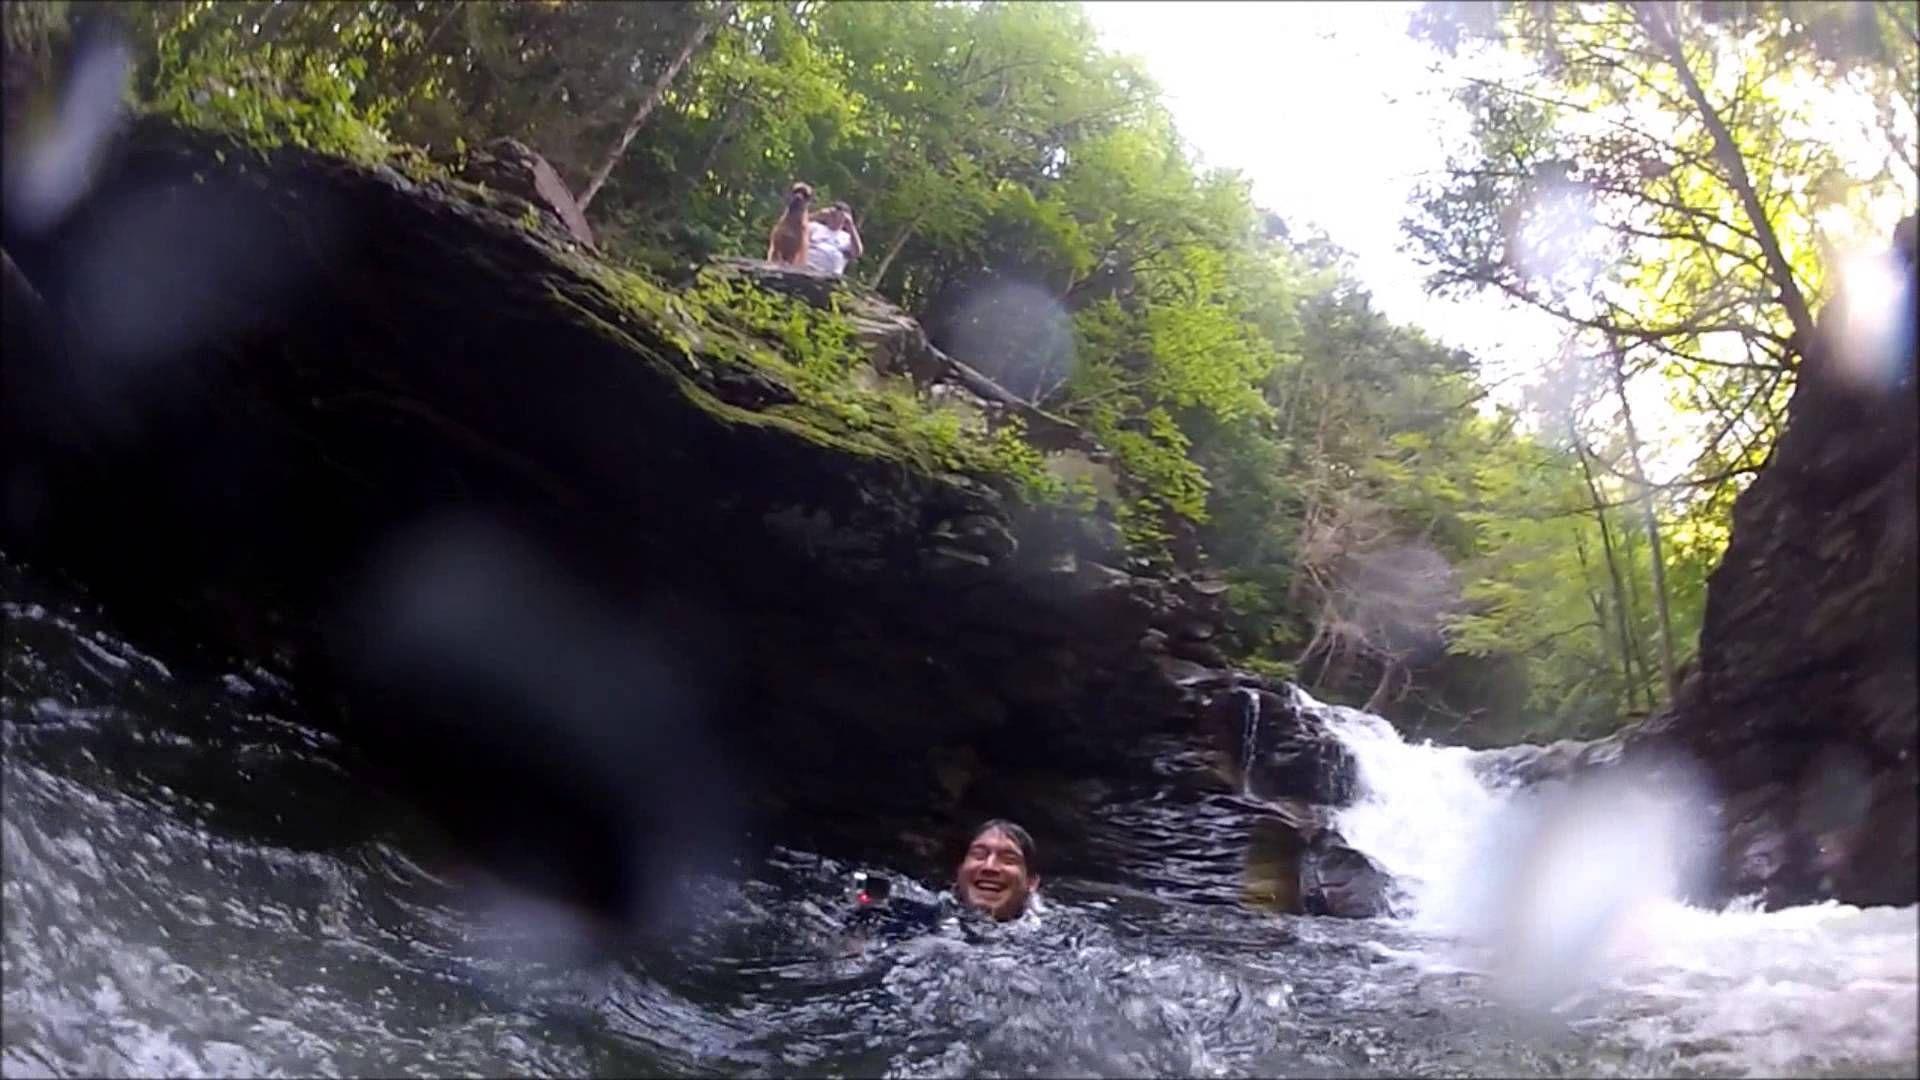 Secret Swimming Hole and Waterfall (Blue Hole - Dunbar, PA